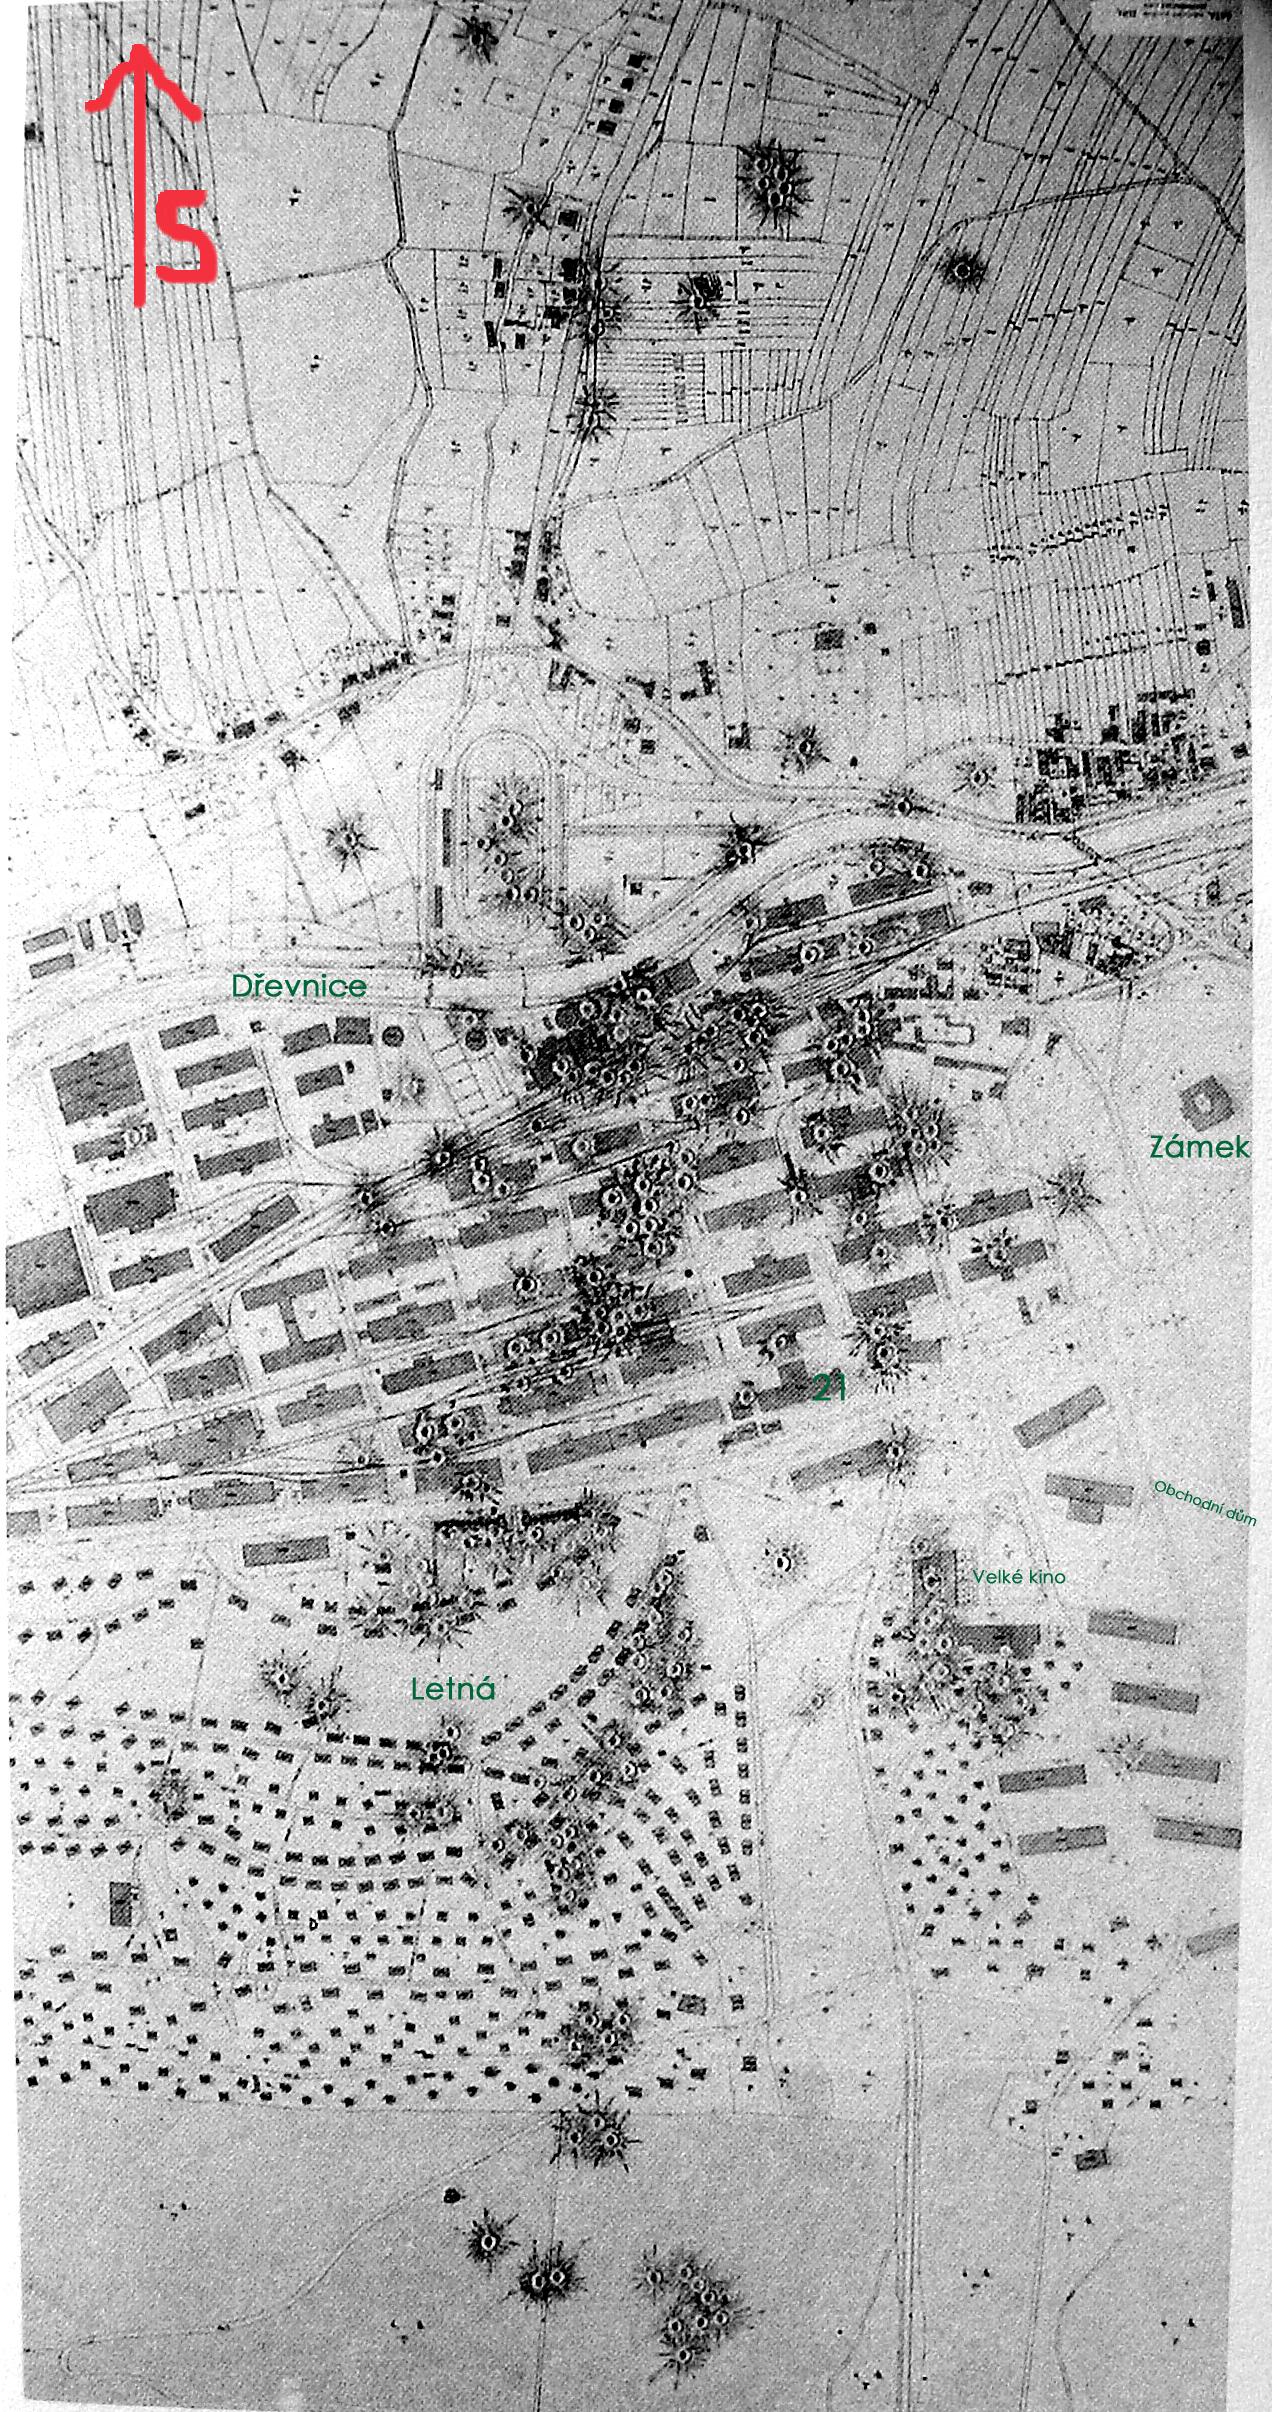 zz - Bomby za zlín - mapa zásahů